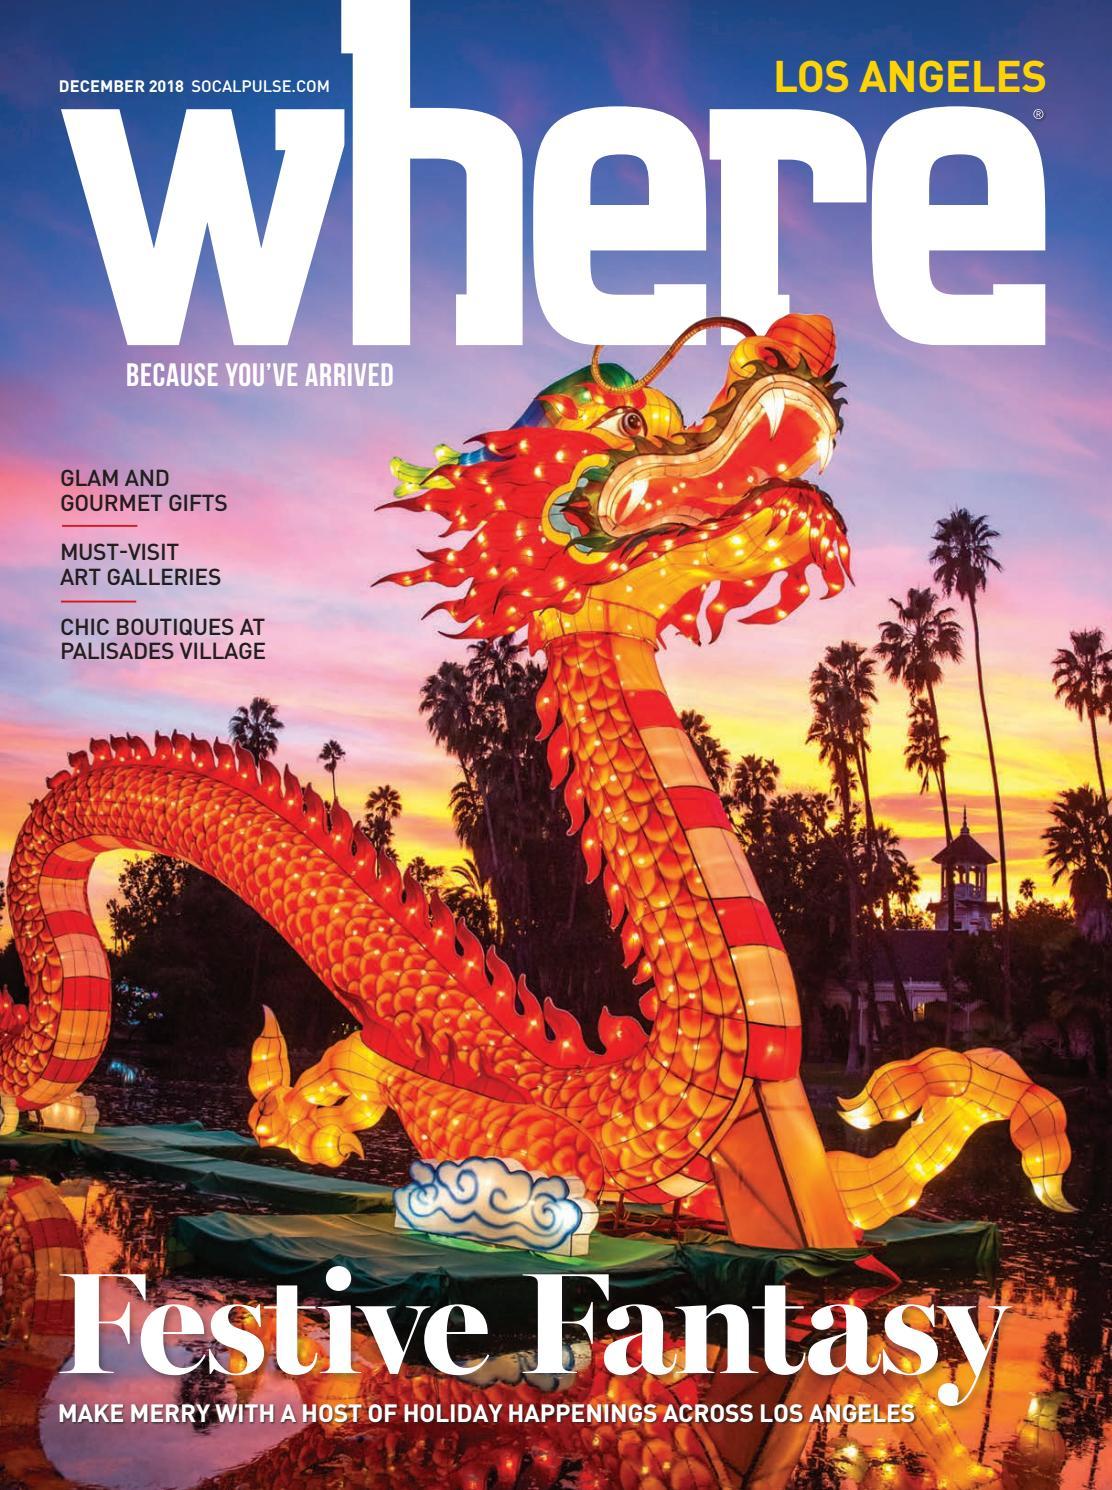 ae4312fab6cf Where Magazine - Los Angeles - December 2018 by SoCalMedia - issuu